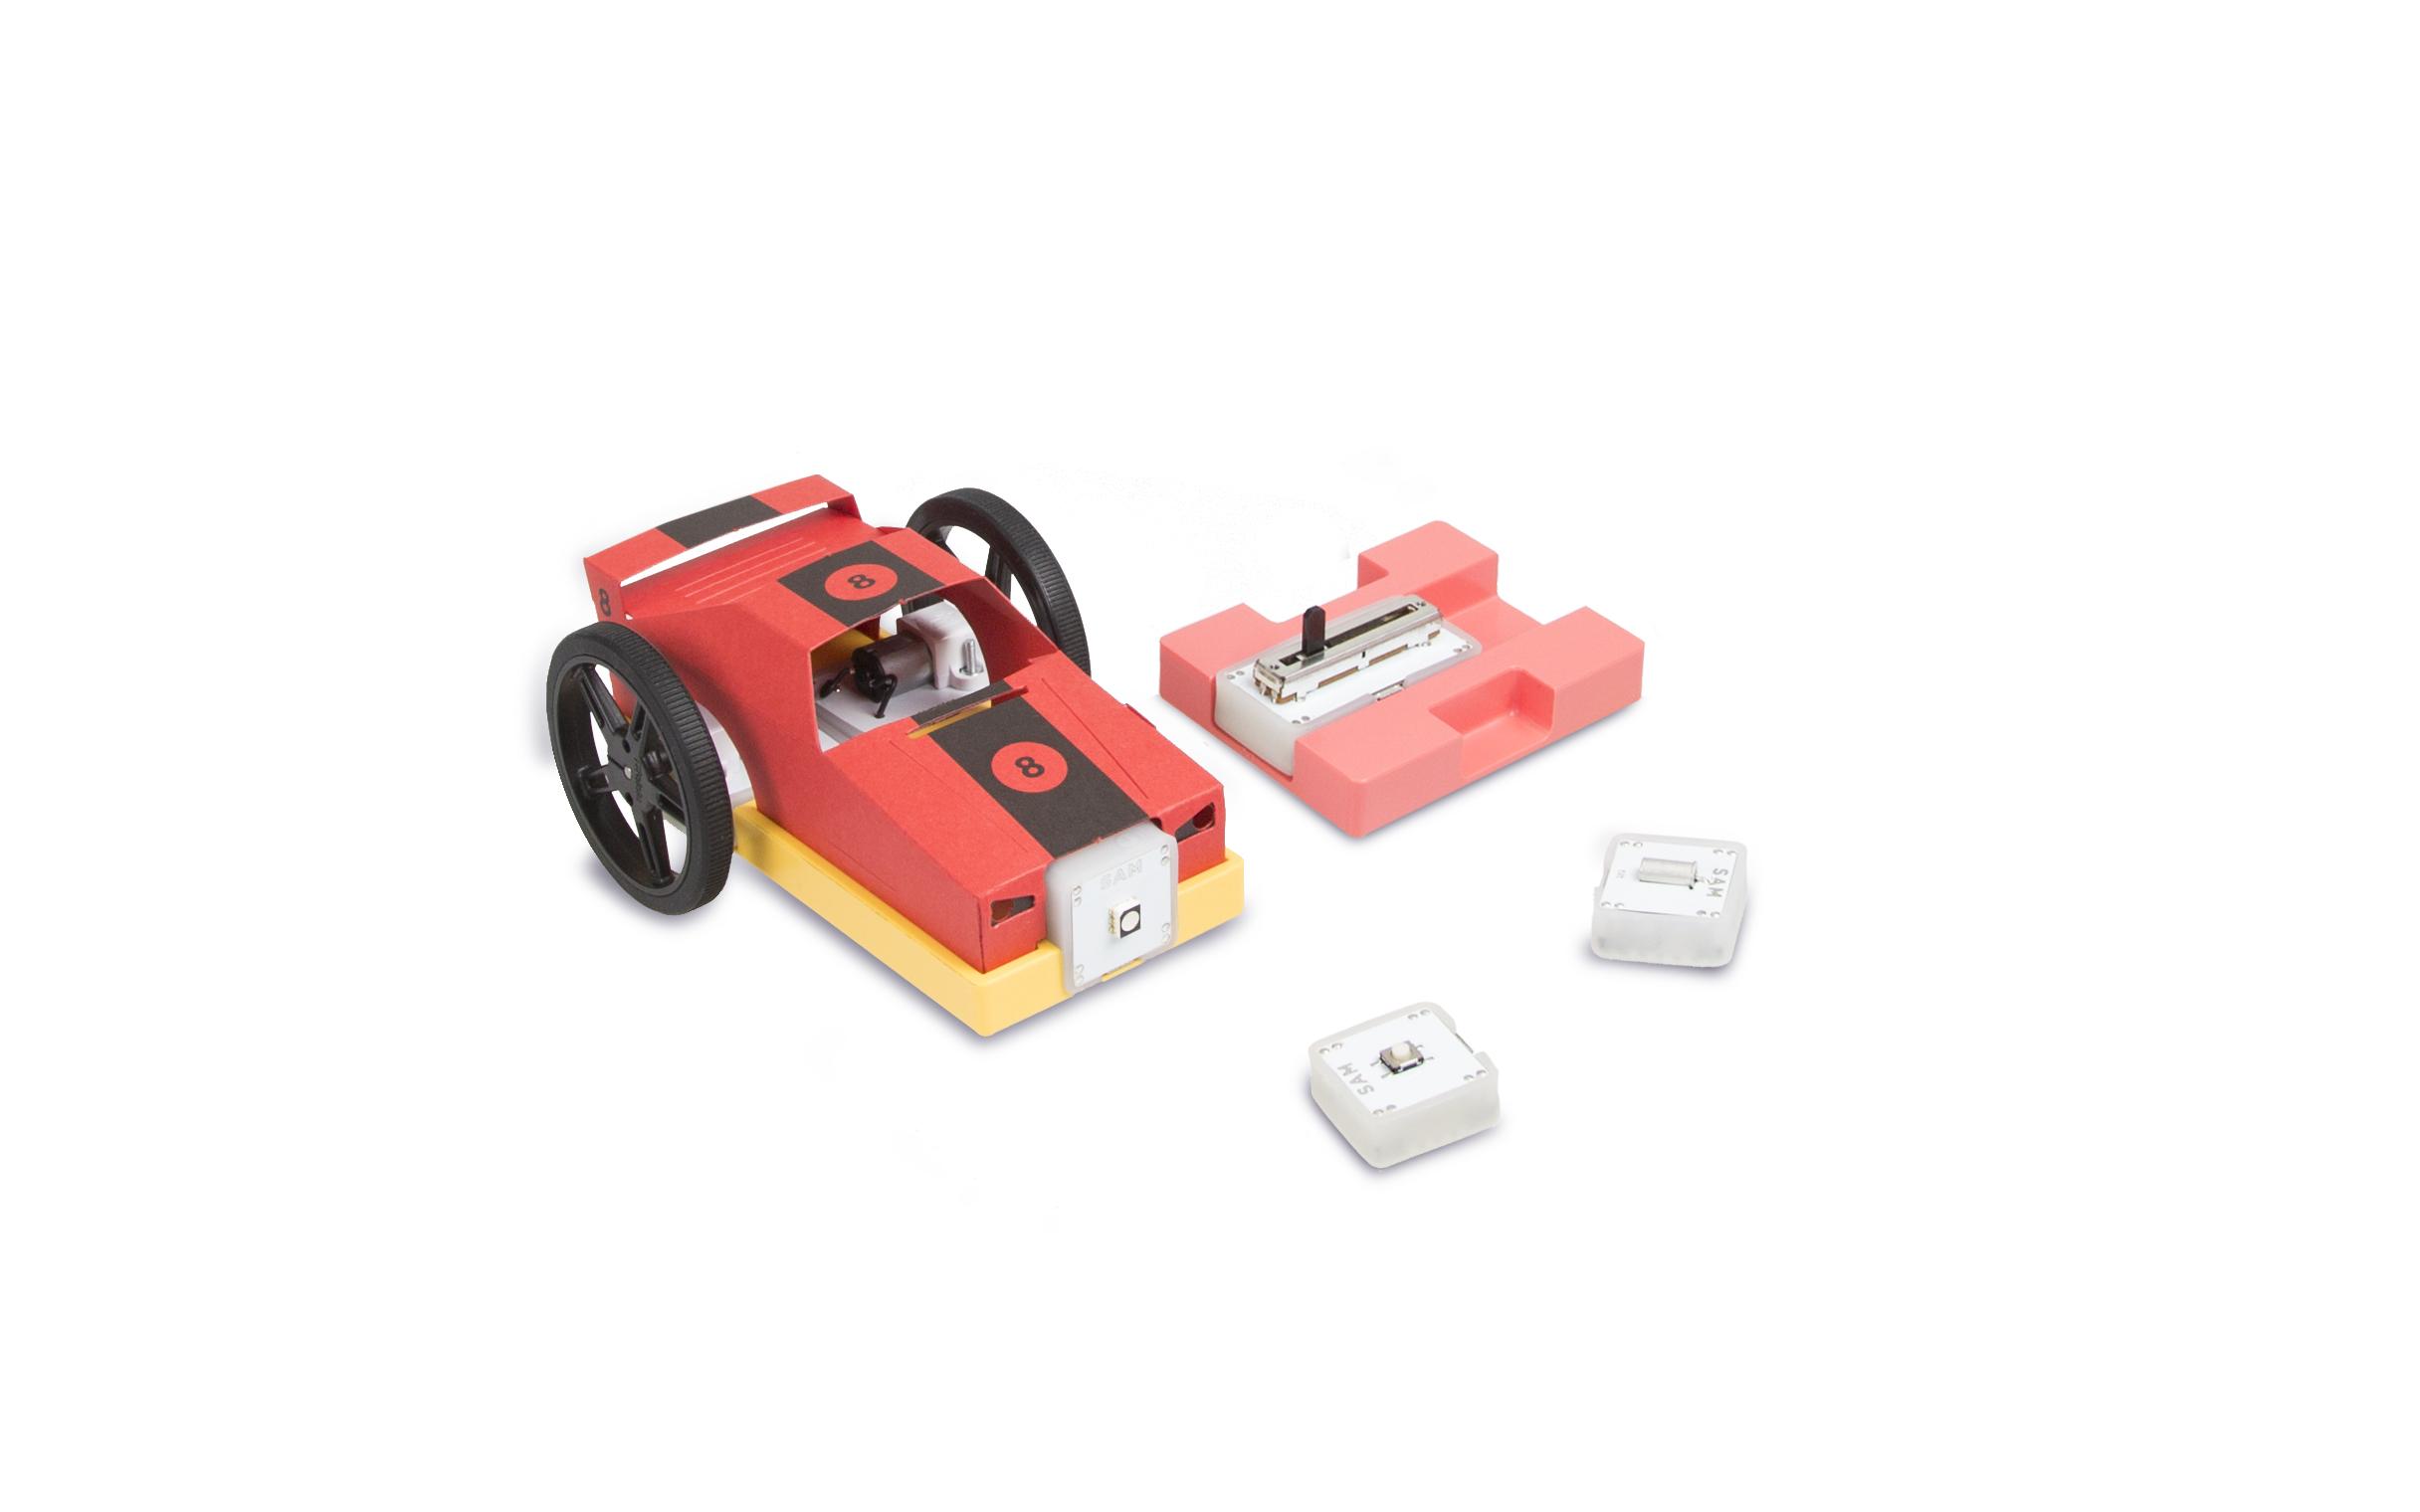 Sam's Curious Cars: Modulare ferngesteuerte Rennwagen bauen - Fahrzeug des Curio-Sets (Bild: Sam Labs)